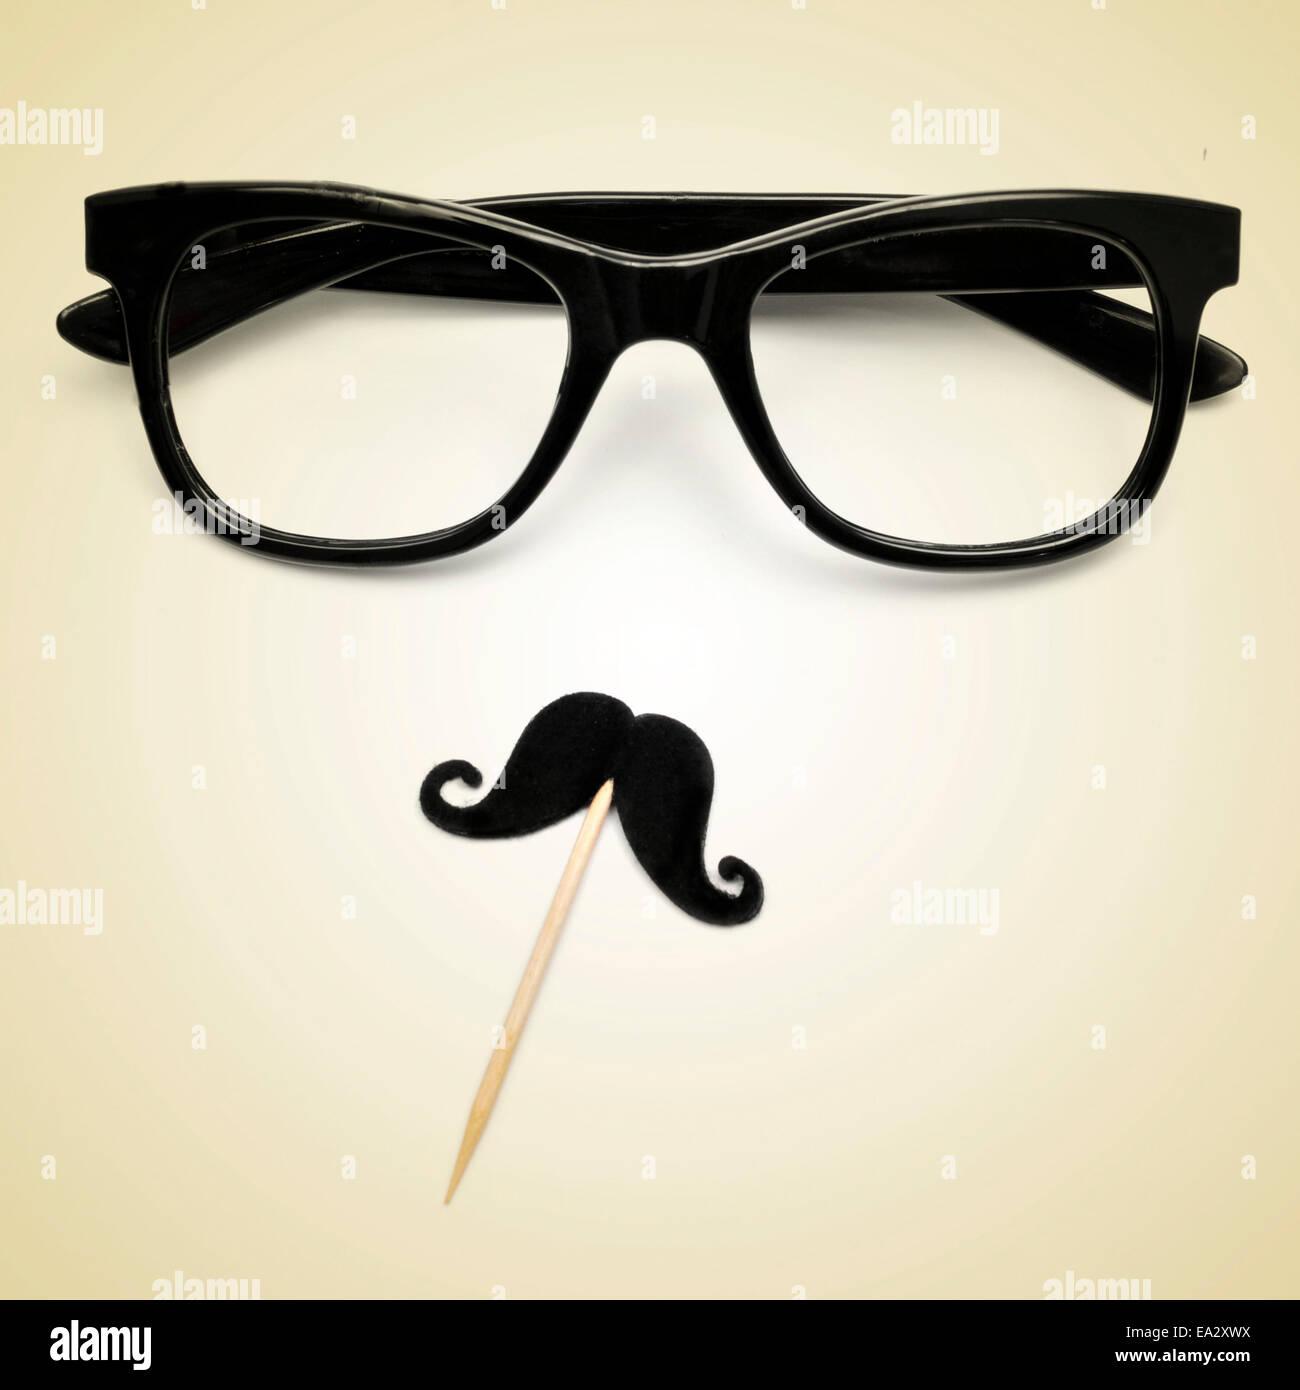 Les lunettes et la moustache représentant un gentleman ou un gars hippie sur un fond beige, avec un effet rétro Photo Stock